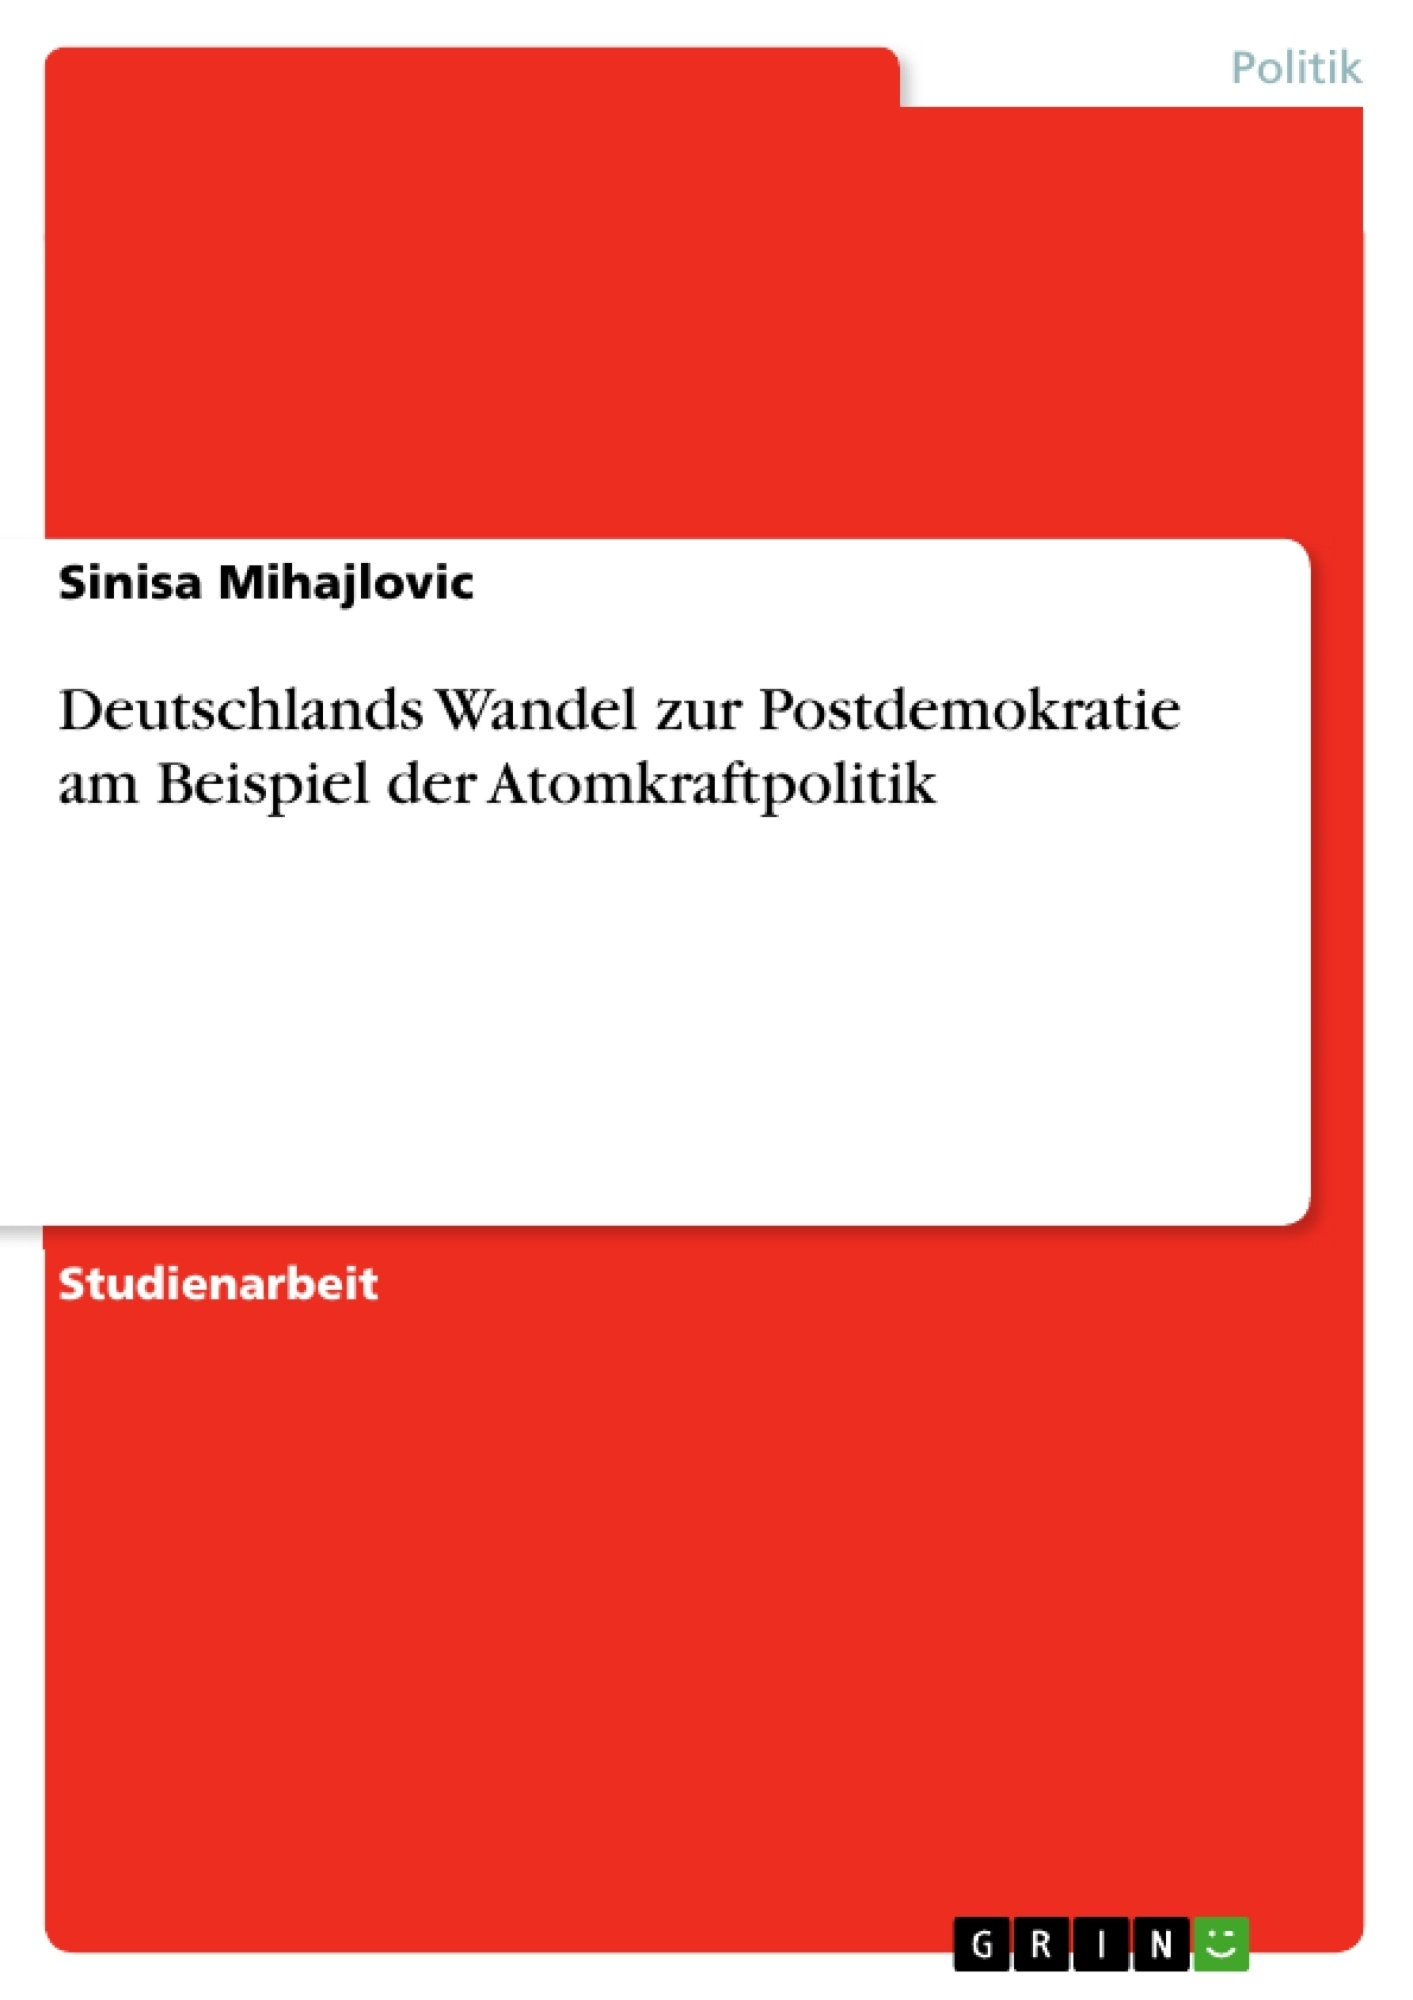 Titel: Deutschlands Wandel zur Postdemokratie am Beispiel der Atomkraftpolitik